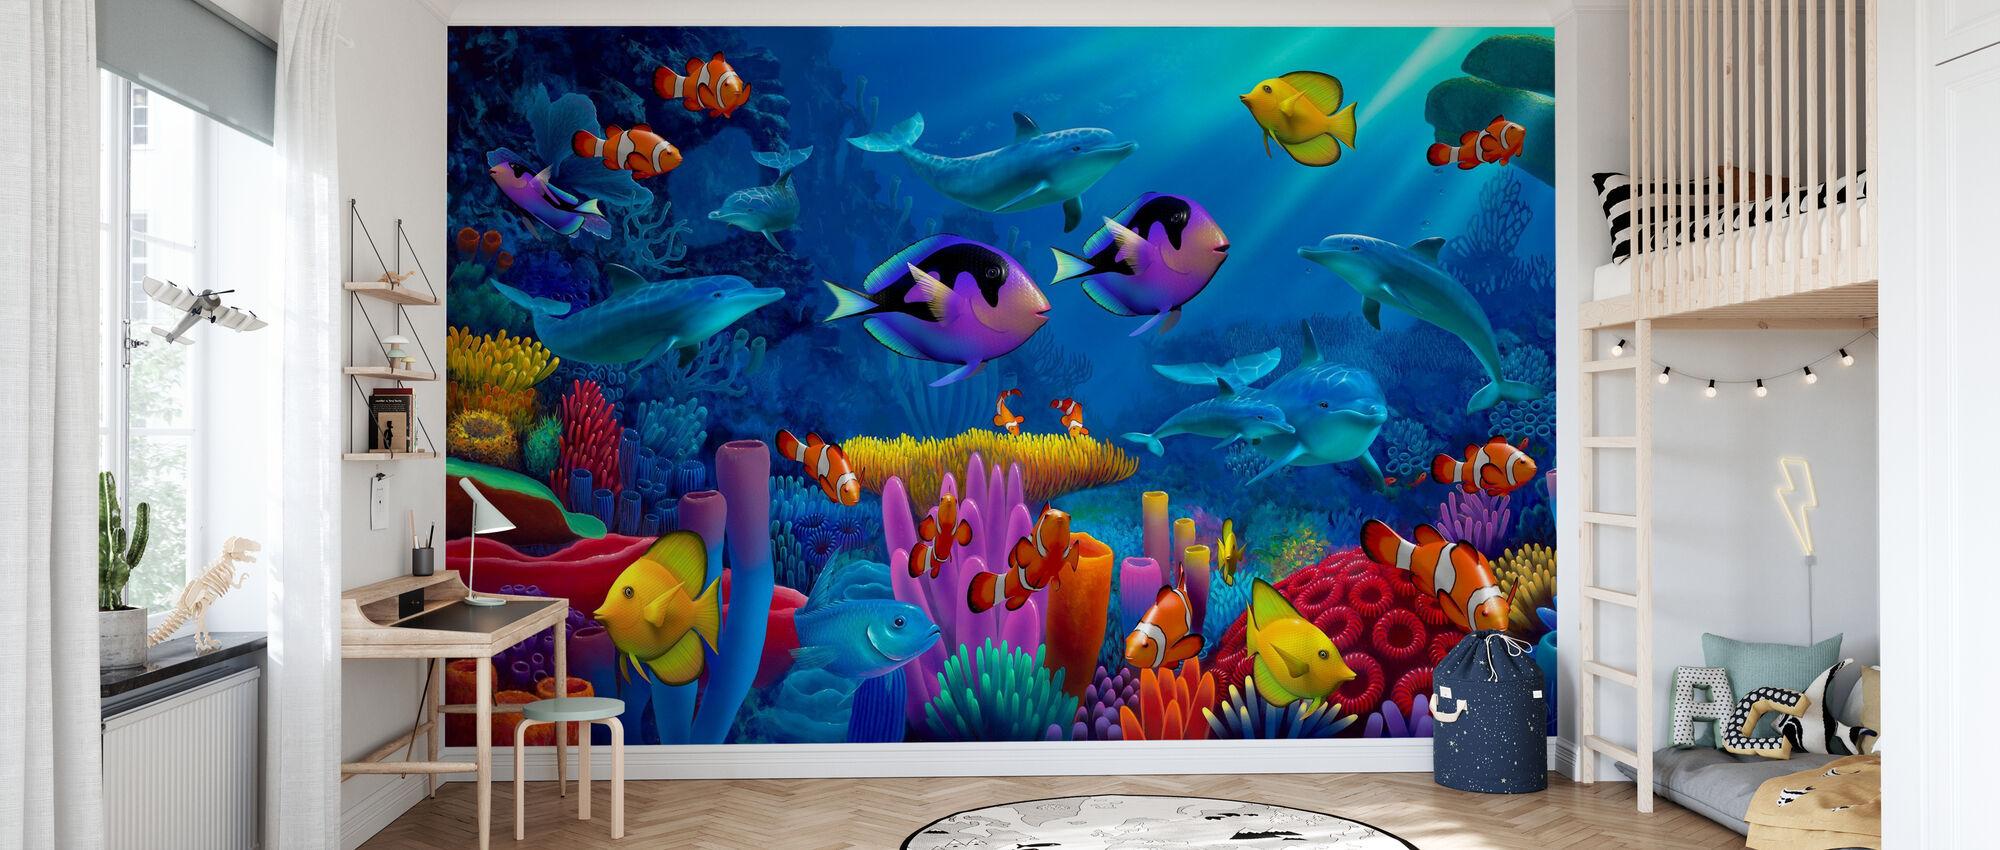 Ocean of Color - Wallpaper - Kids Room